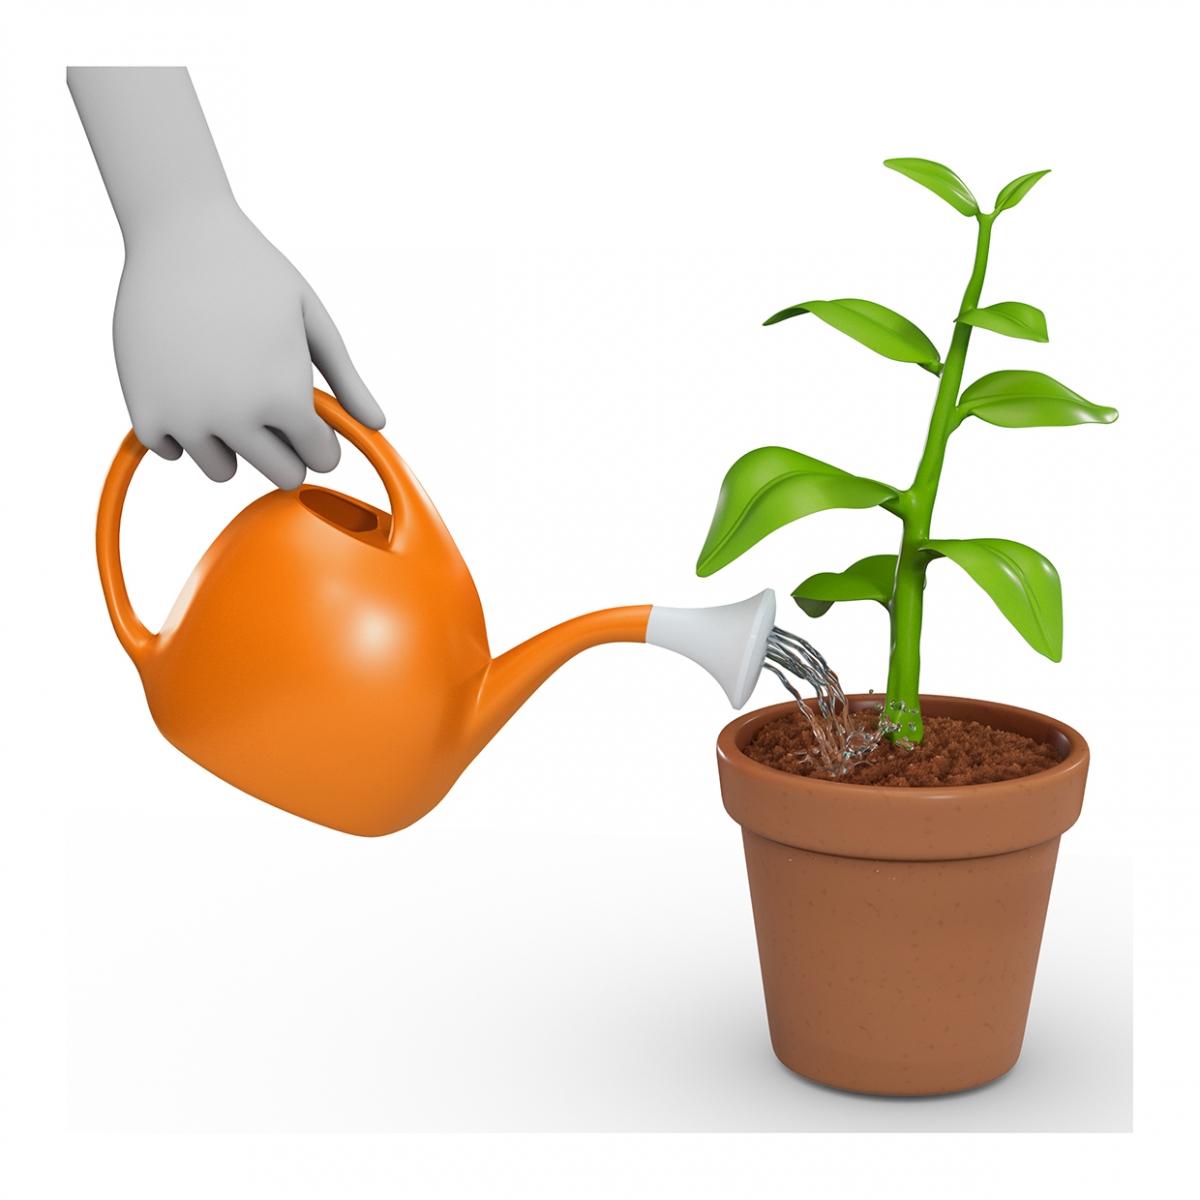 Imagen en la que se ve una mano regando una planta con regadera